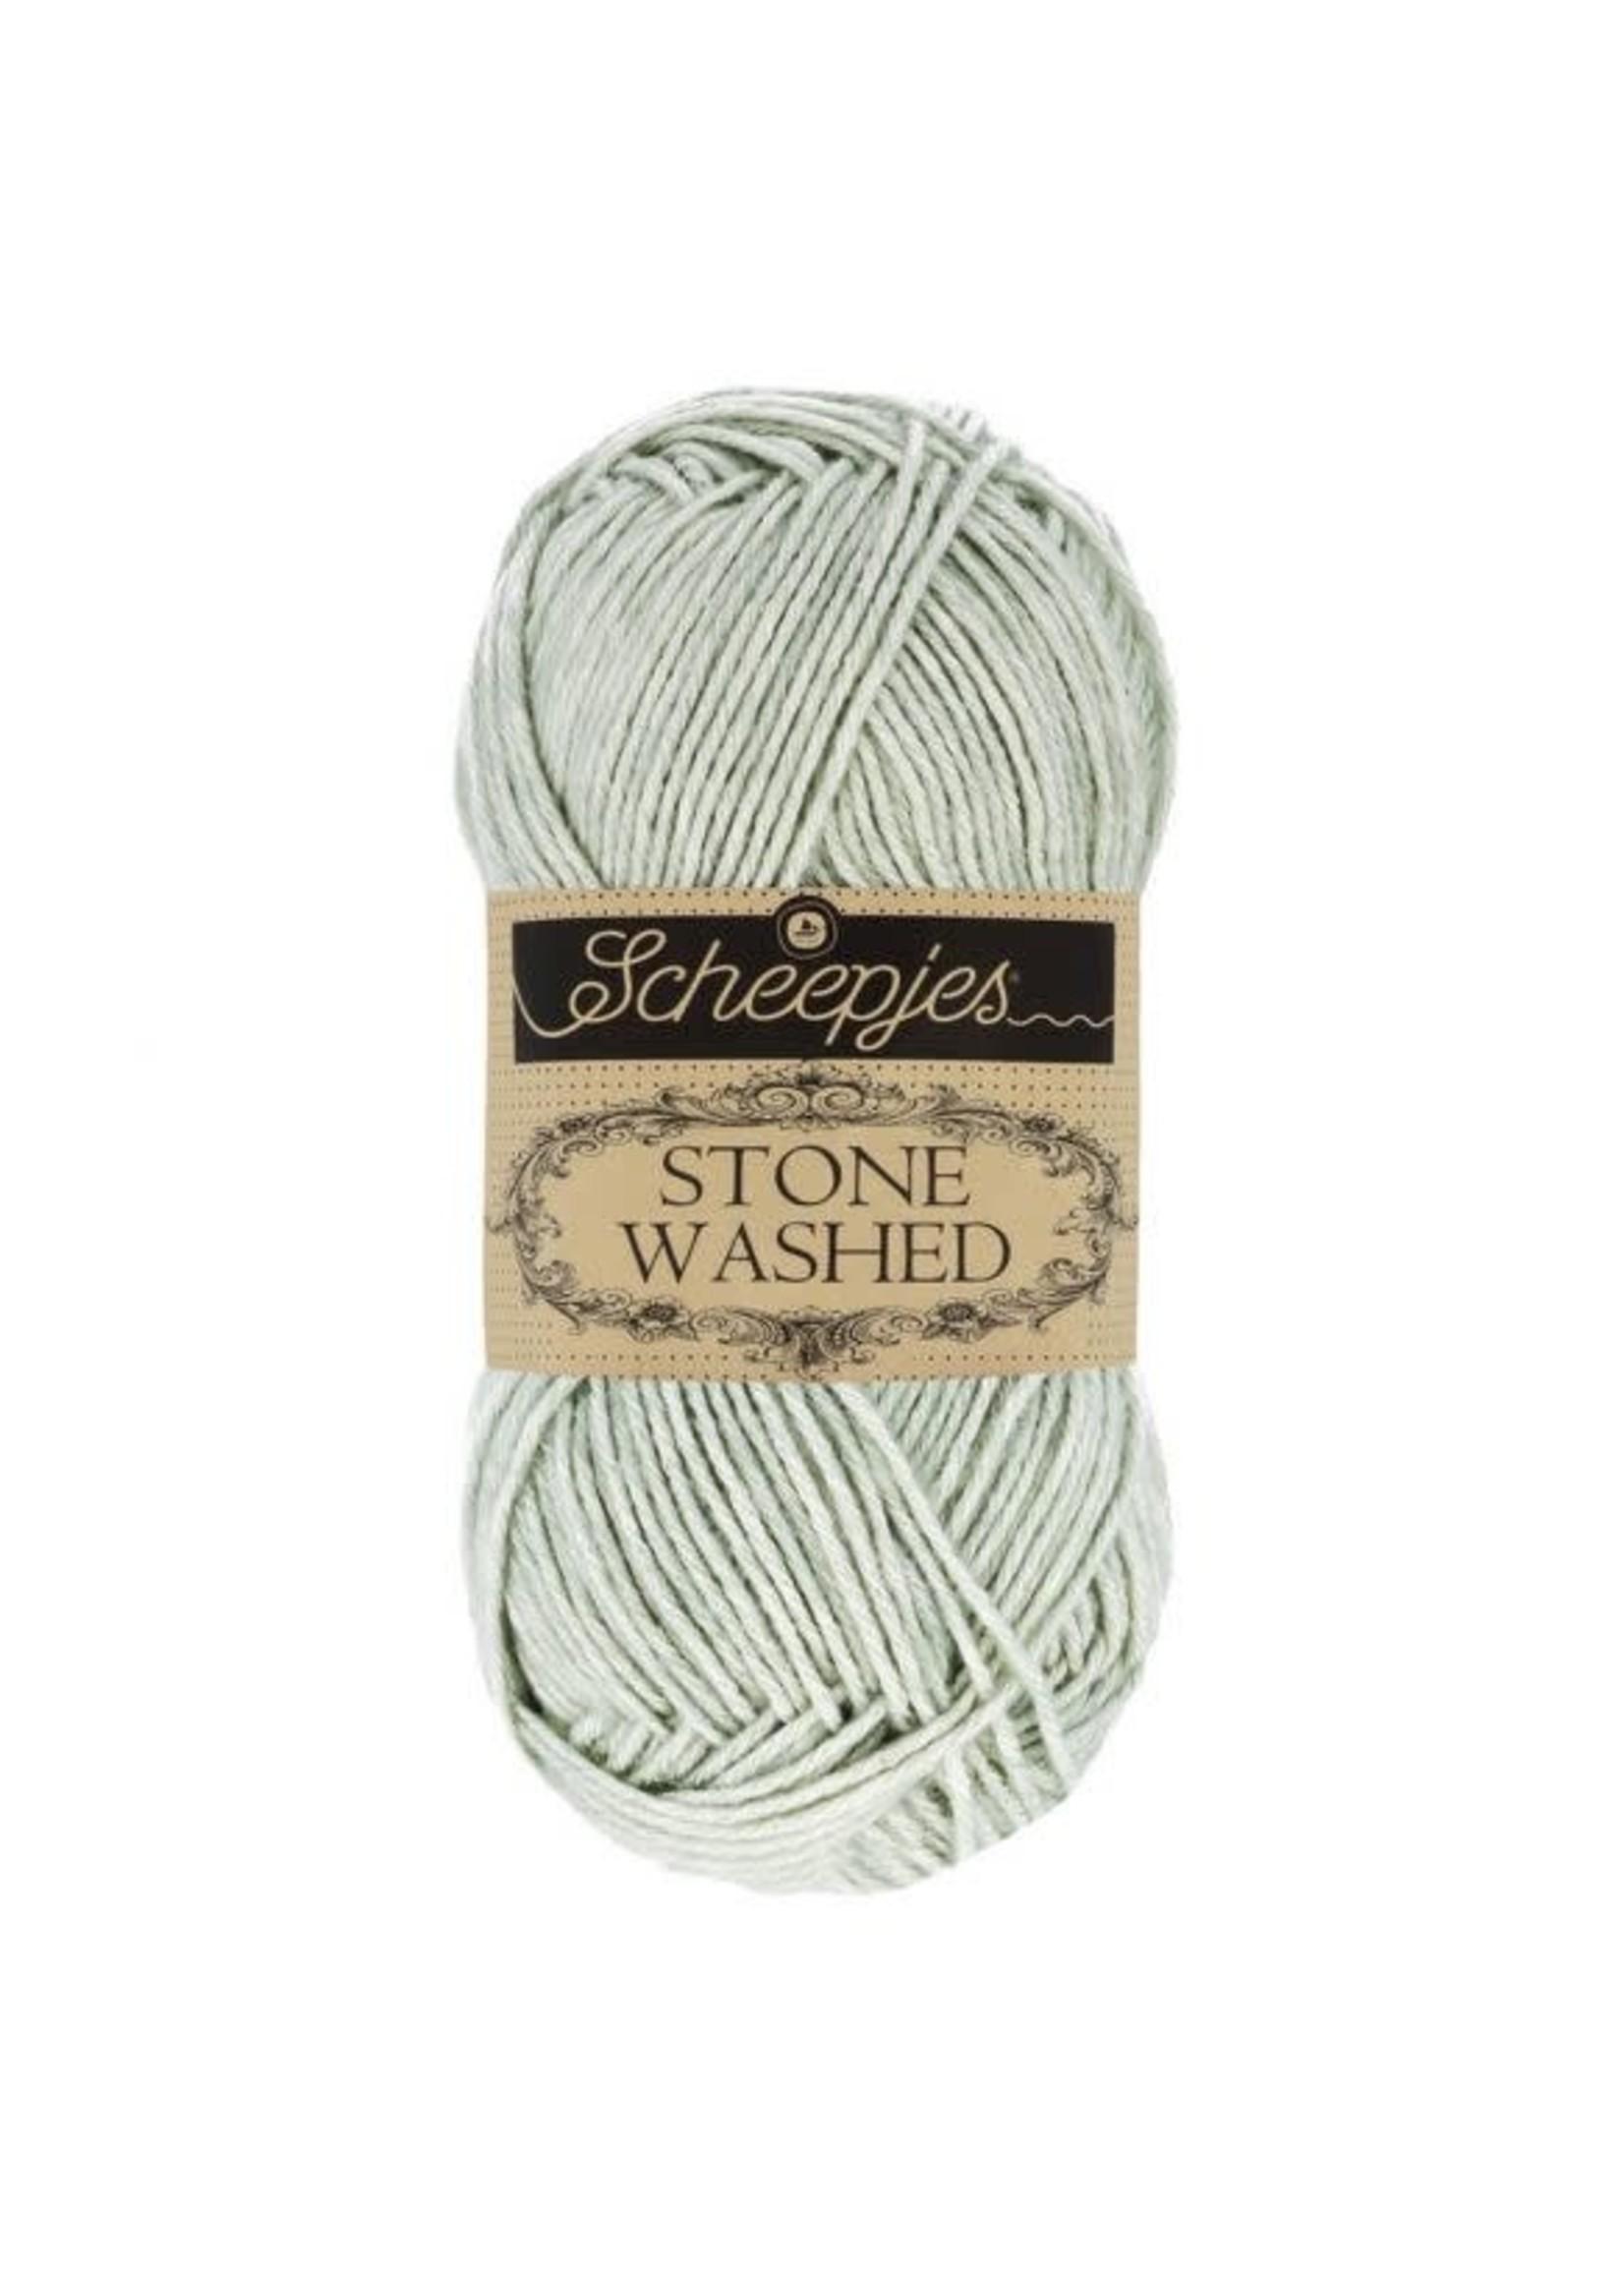 Scheepjes Stone Washed 50gr - 814 Crystal Quartz